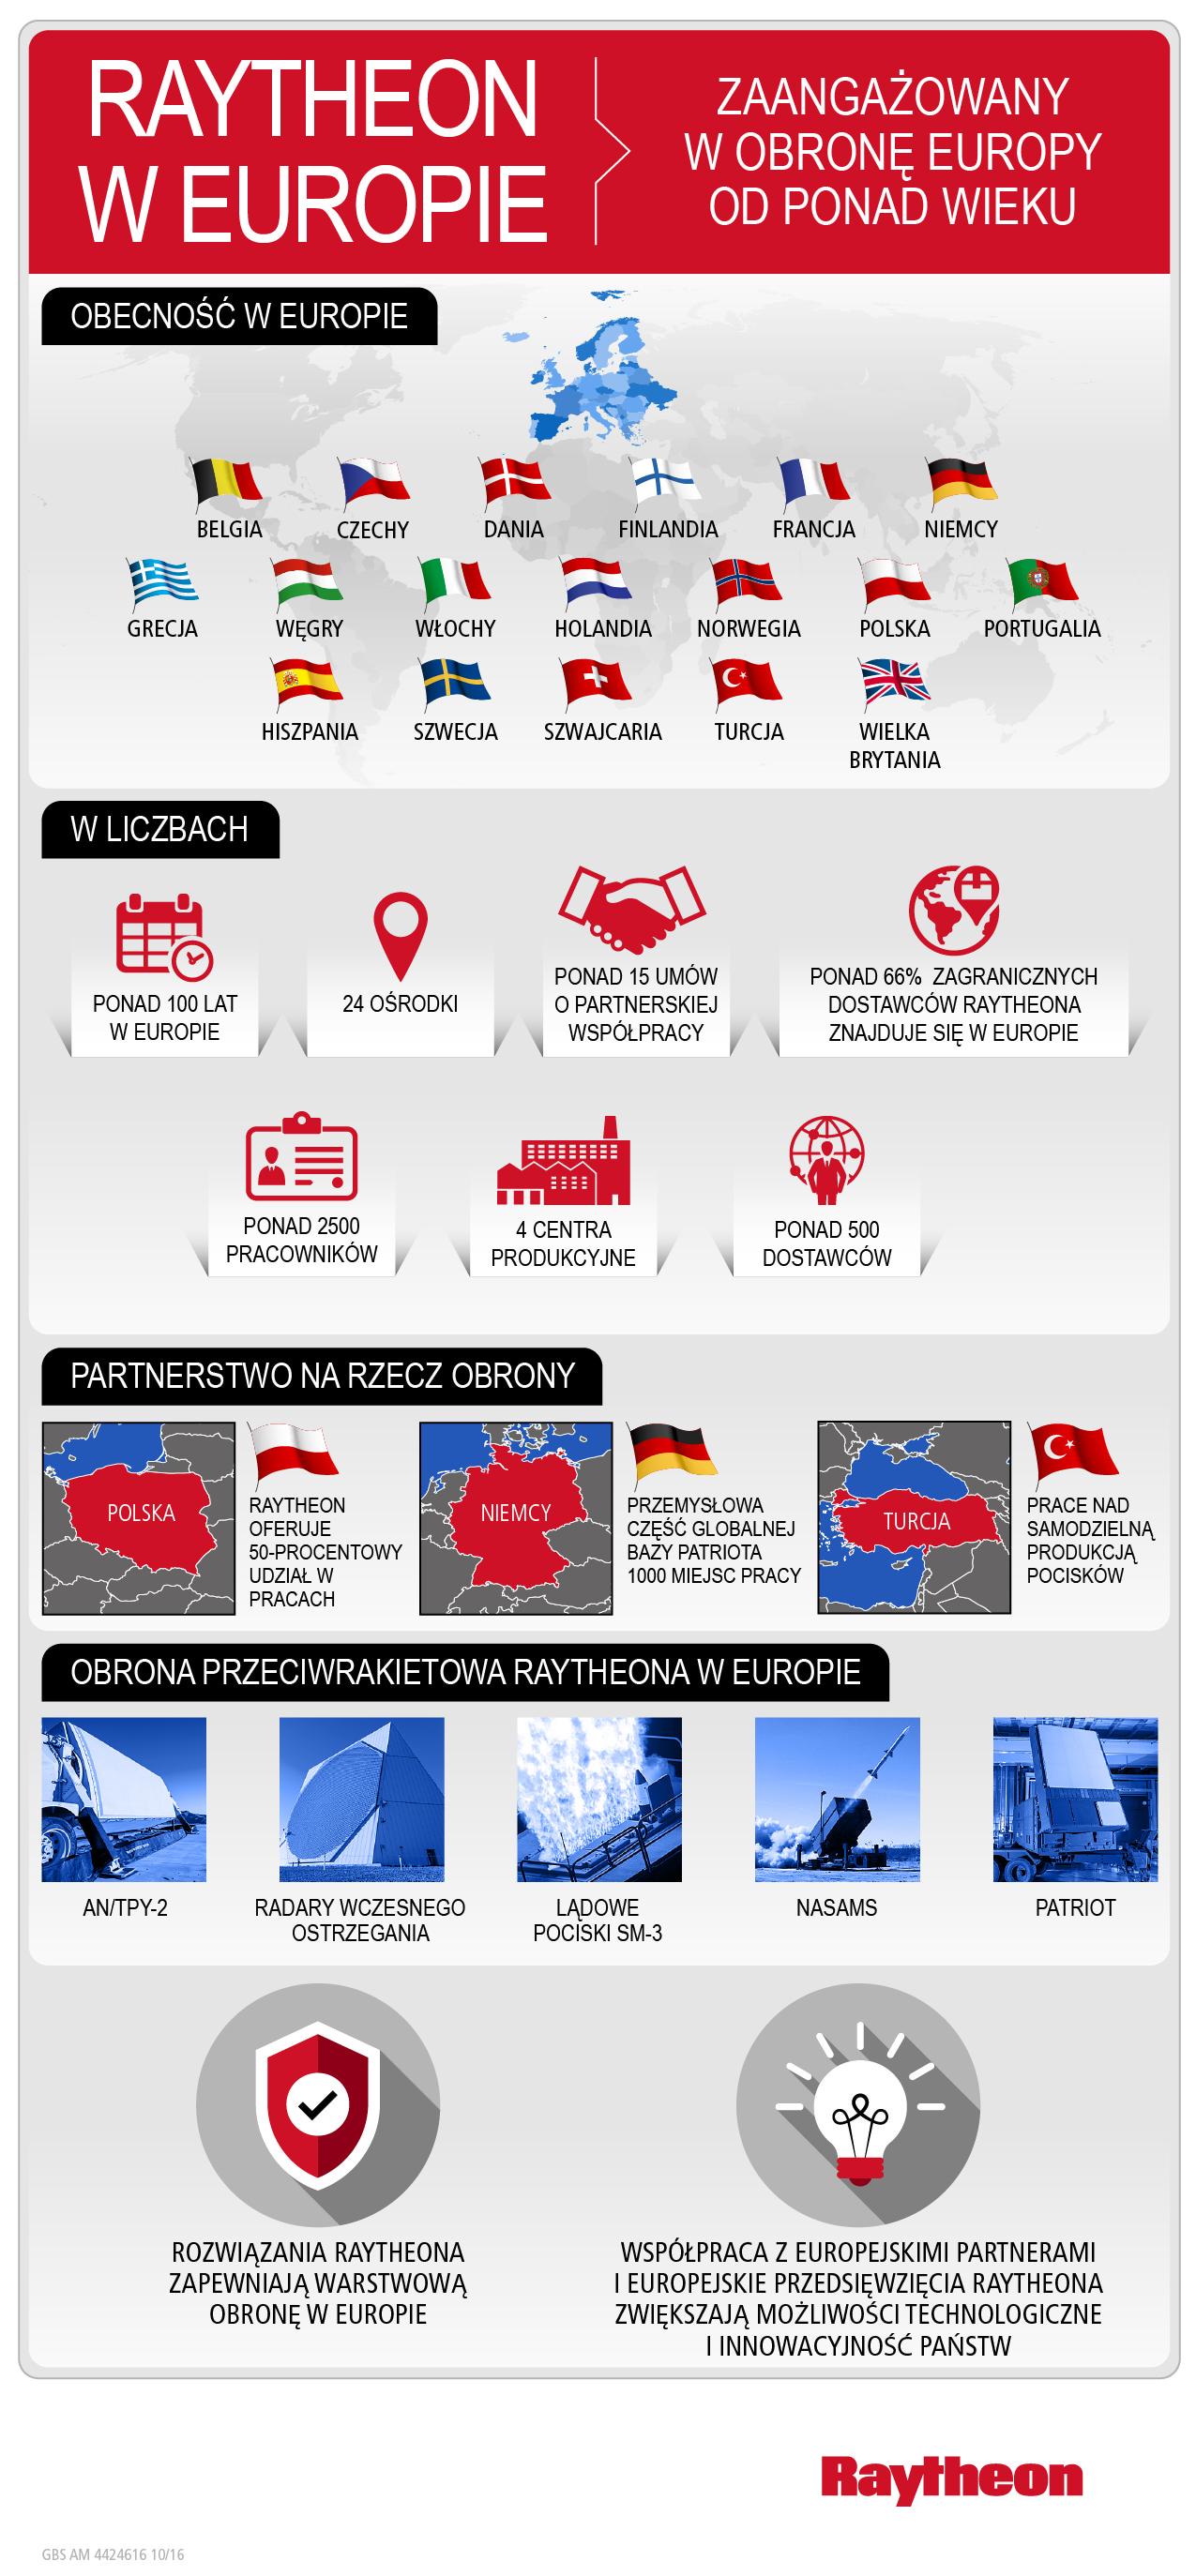 Raytheon w Europie